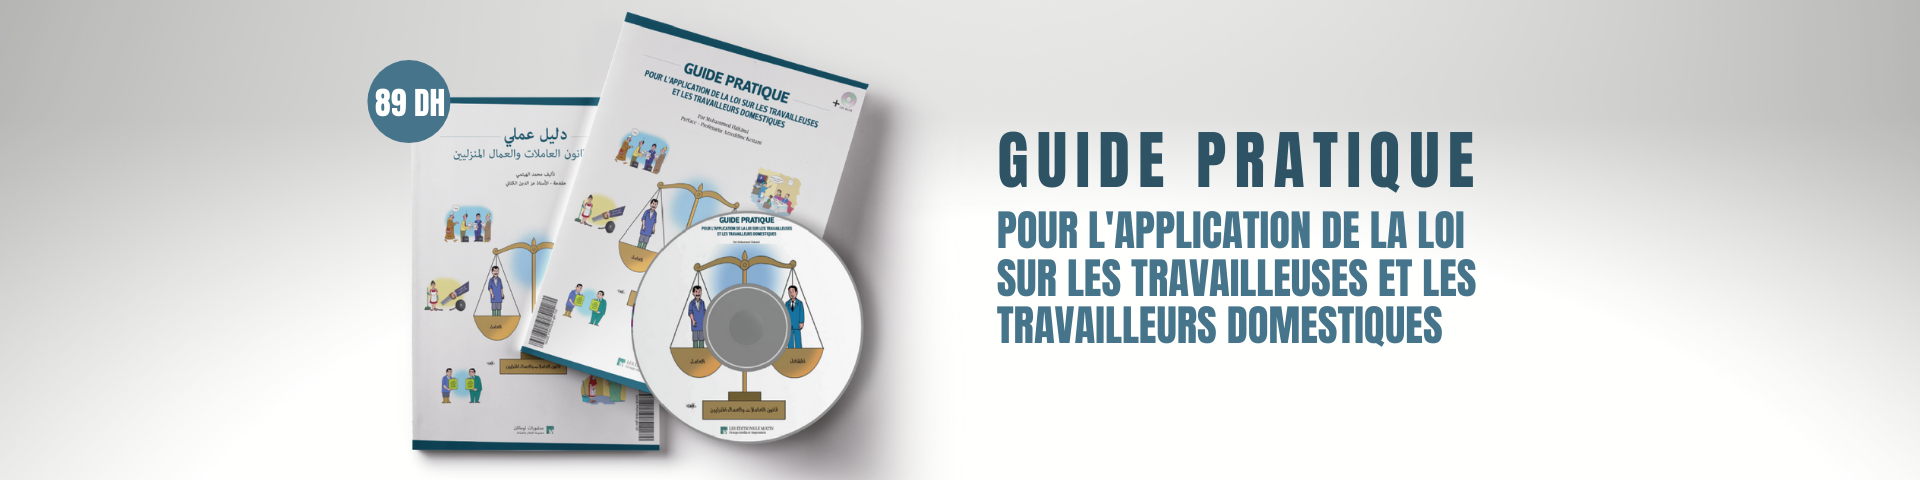 Guide pratique – Pour l'application de la loi sur les travailleuses et les travailleurs domestiques